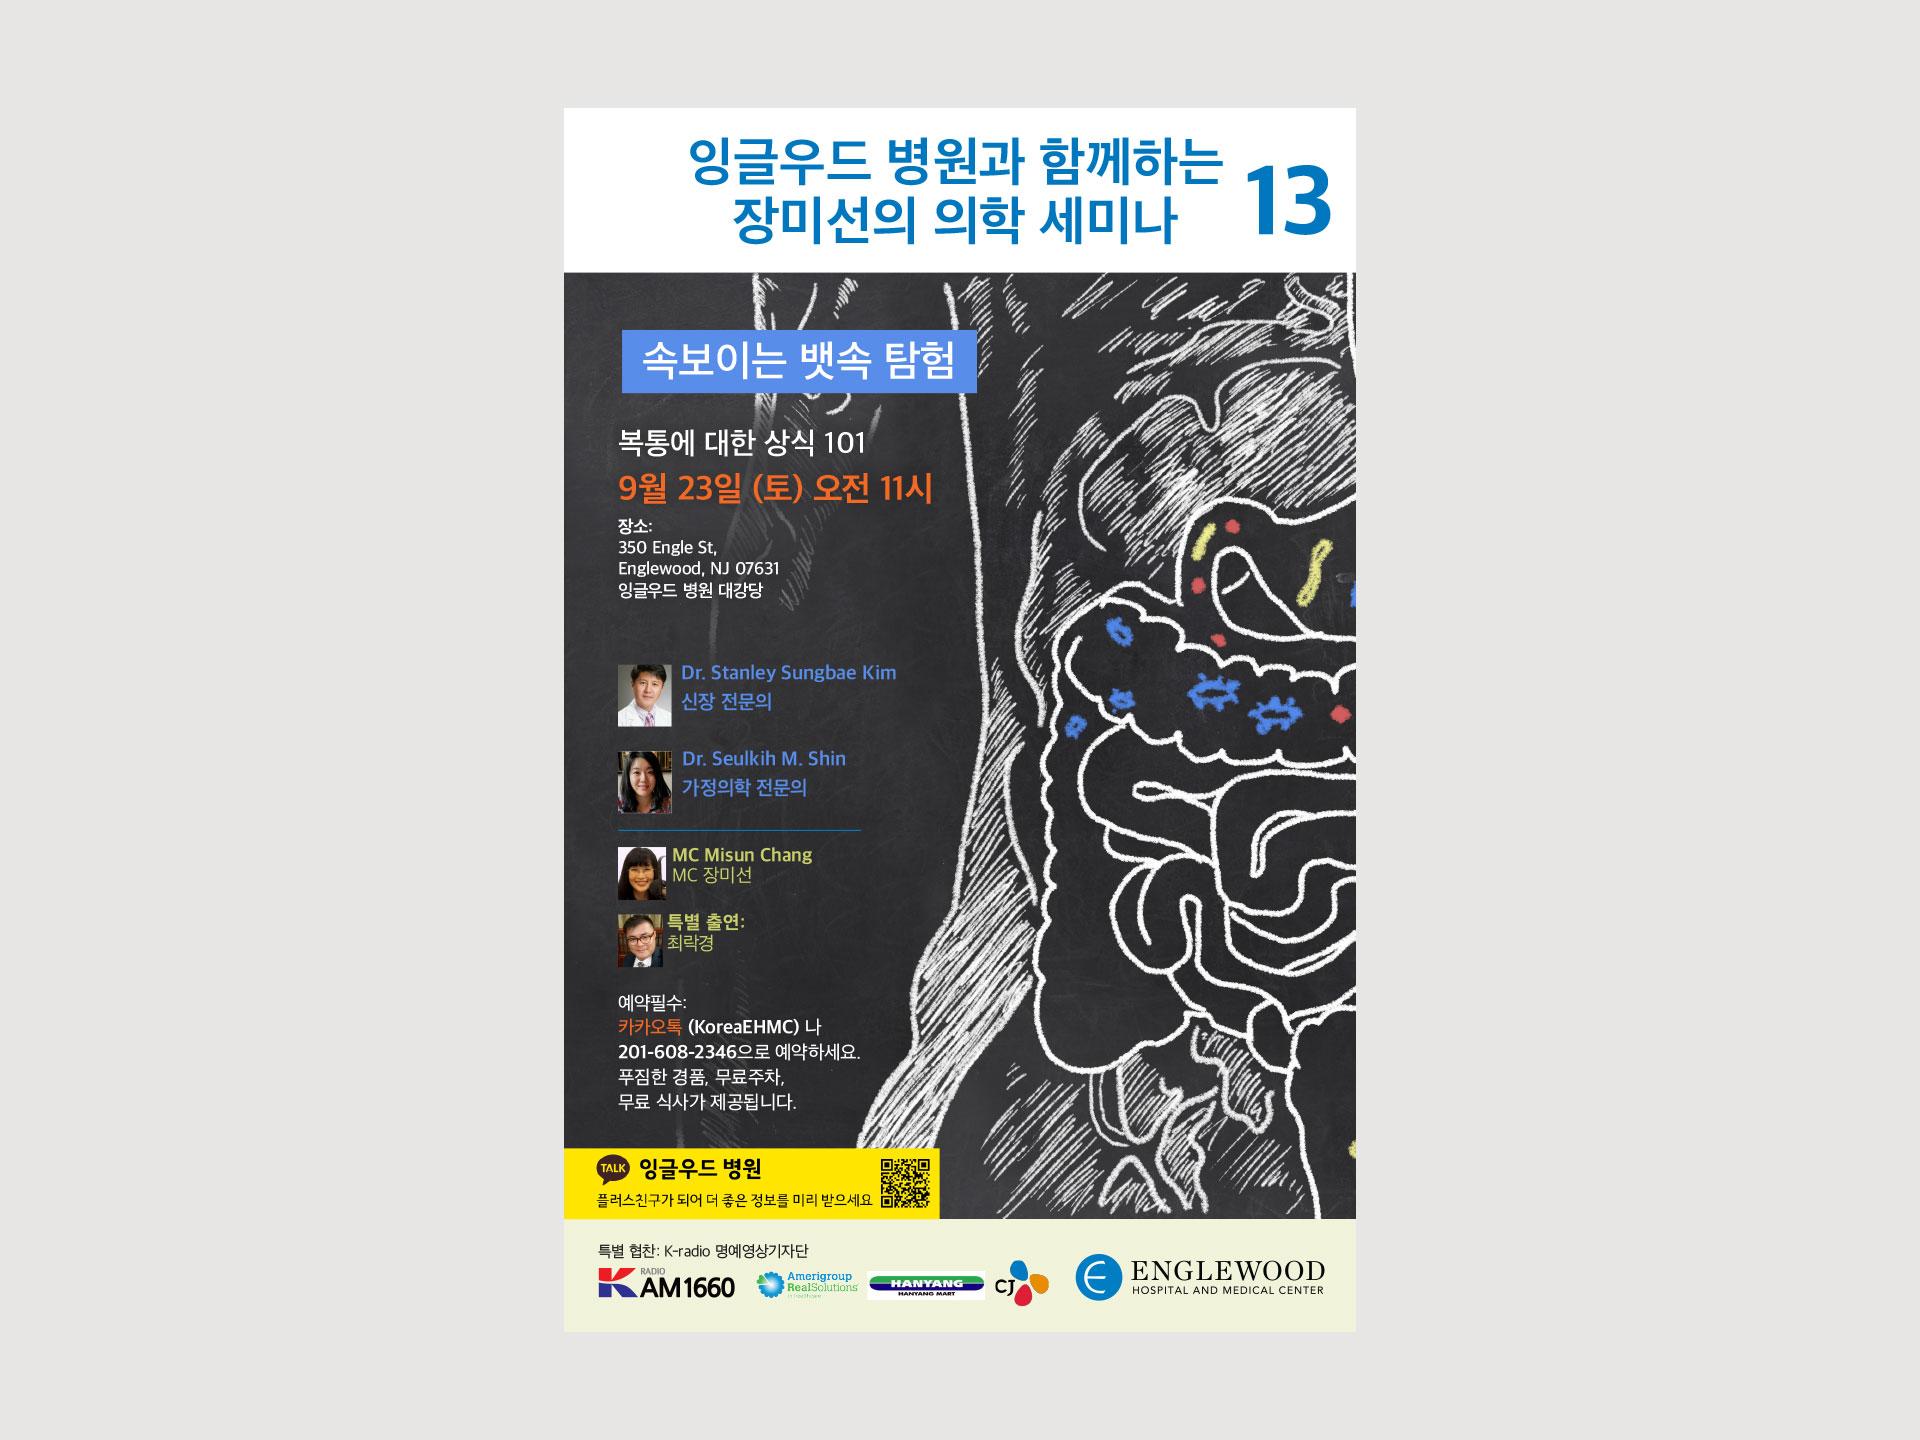 Korean Center event 13